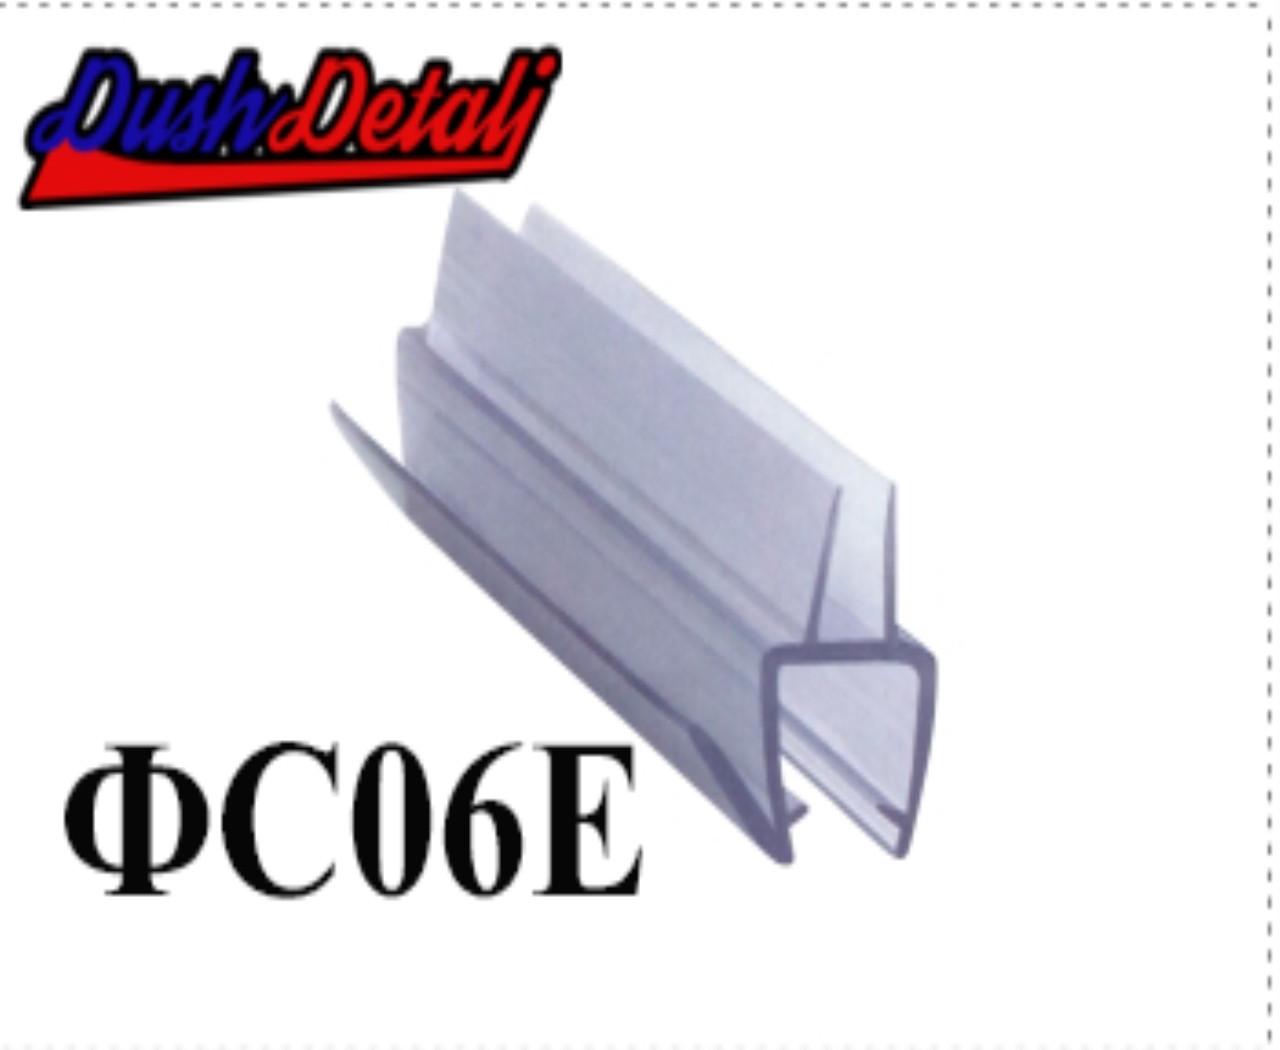 Брызговик для двери душевой кабины, нижний ( ФС06Е )